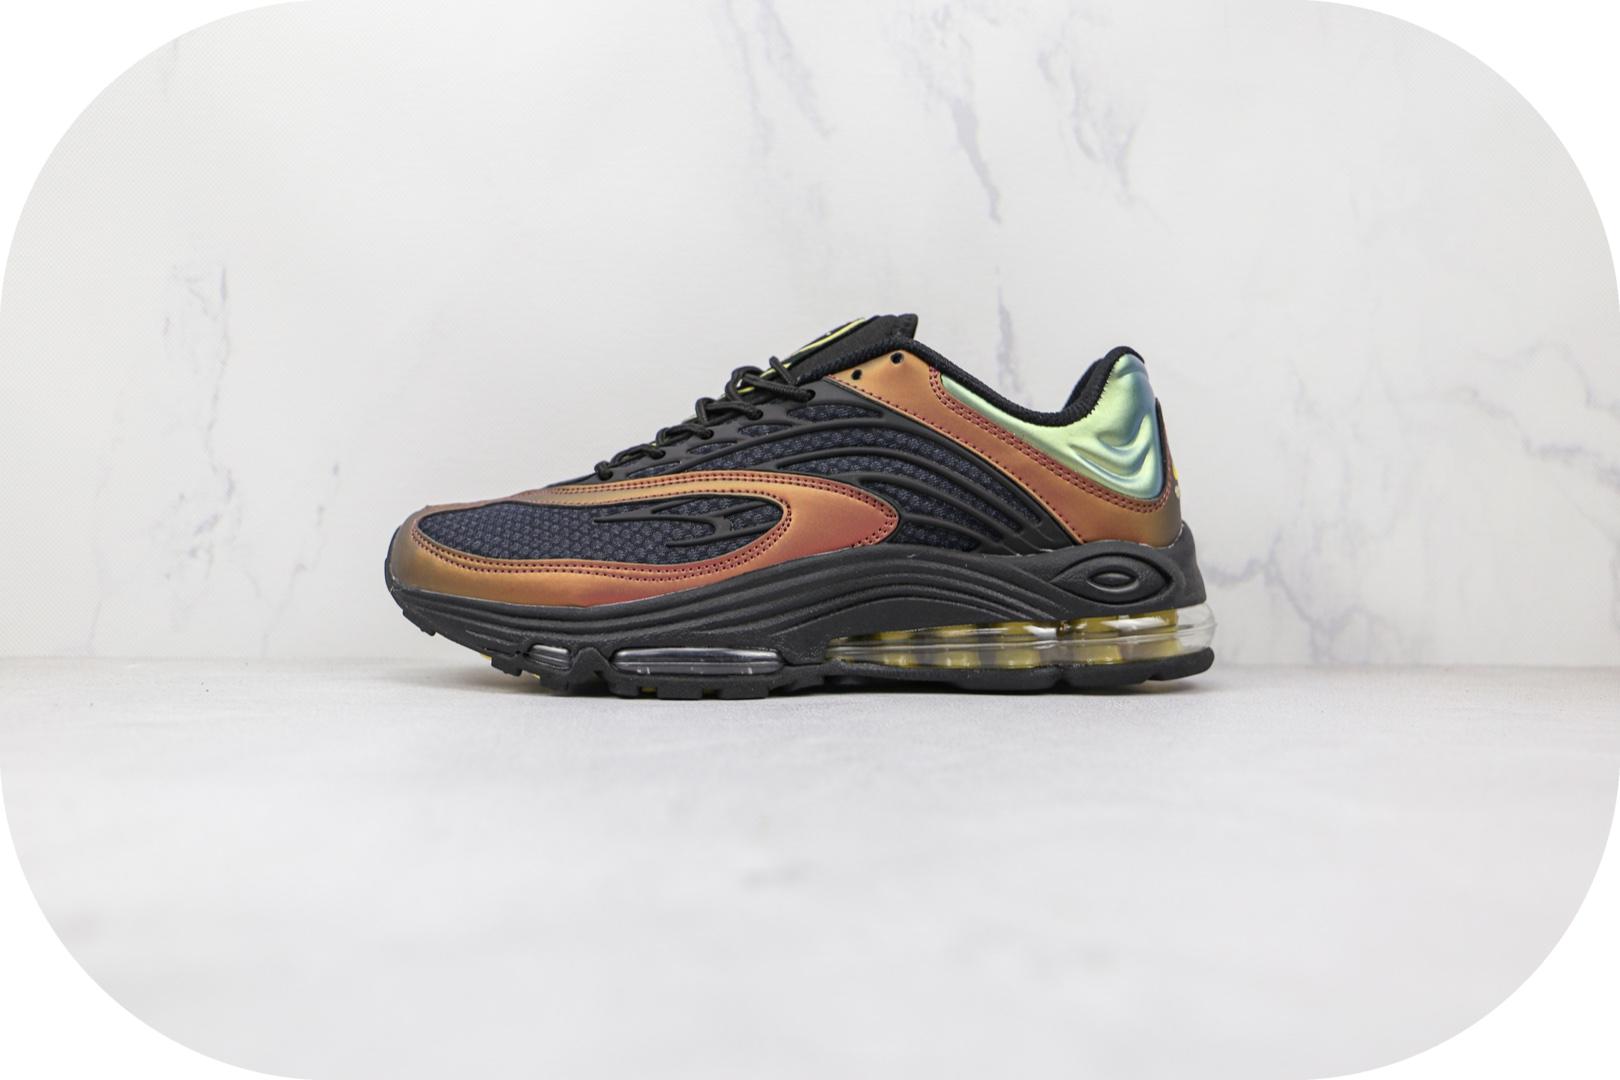 耐克Nike Air Tuned Max OG Dark Charcoal纯原版本深色木炭黑褐绿色Tuned Max气垫鞋原楦头纸板打造 货号:CV6984-001